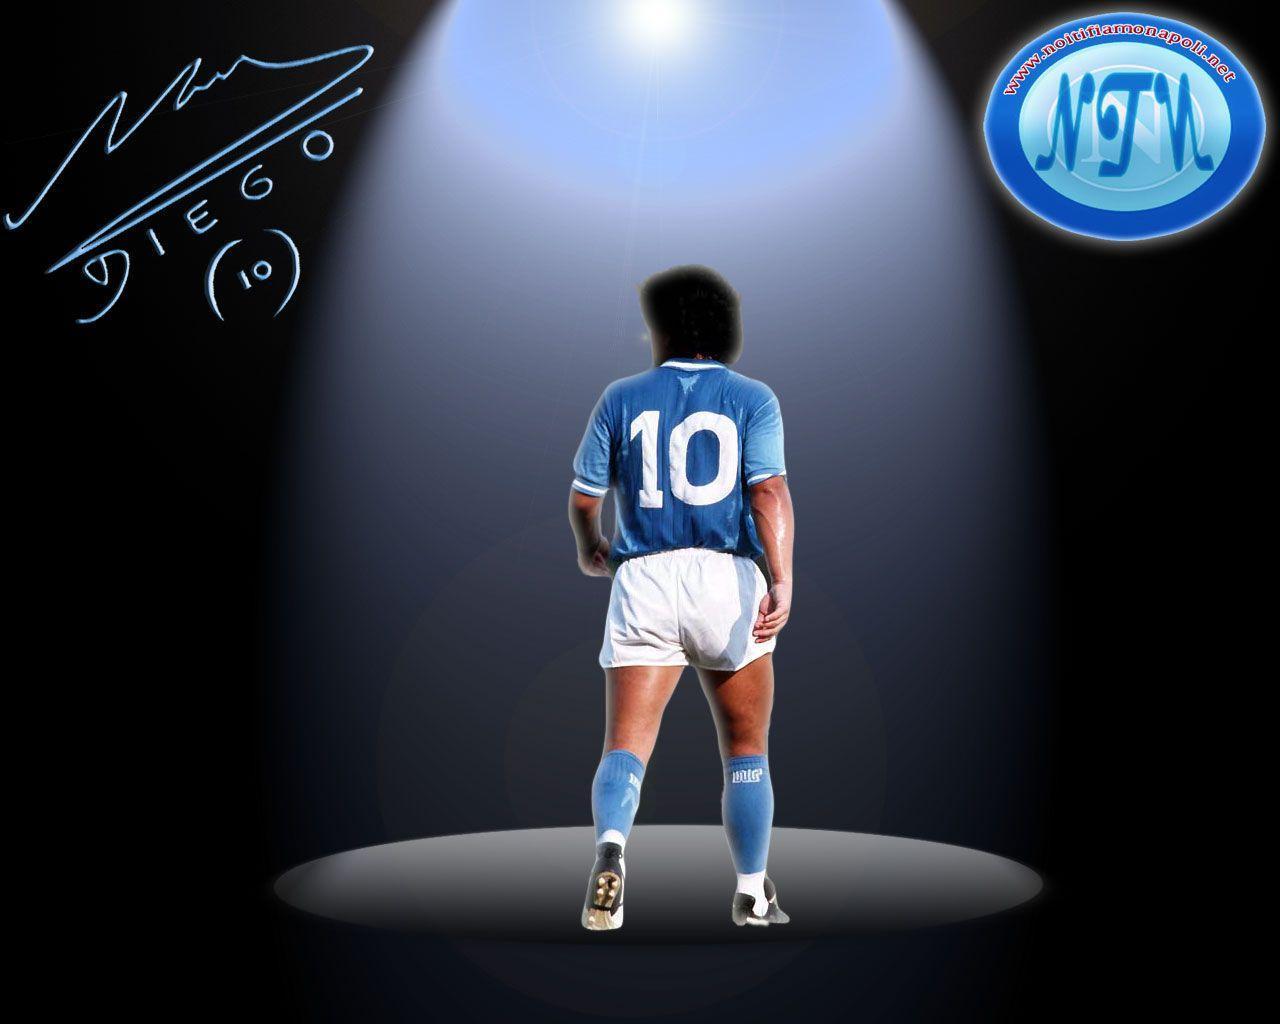 Napoli Fc Wallpaper - Sfondo Calcio Napoli Hd , HD Wallpaper & Backgrounds